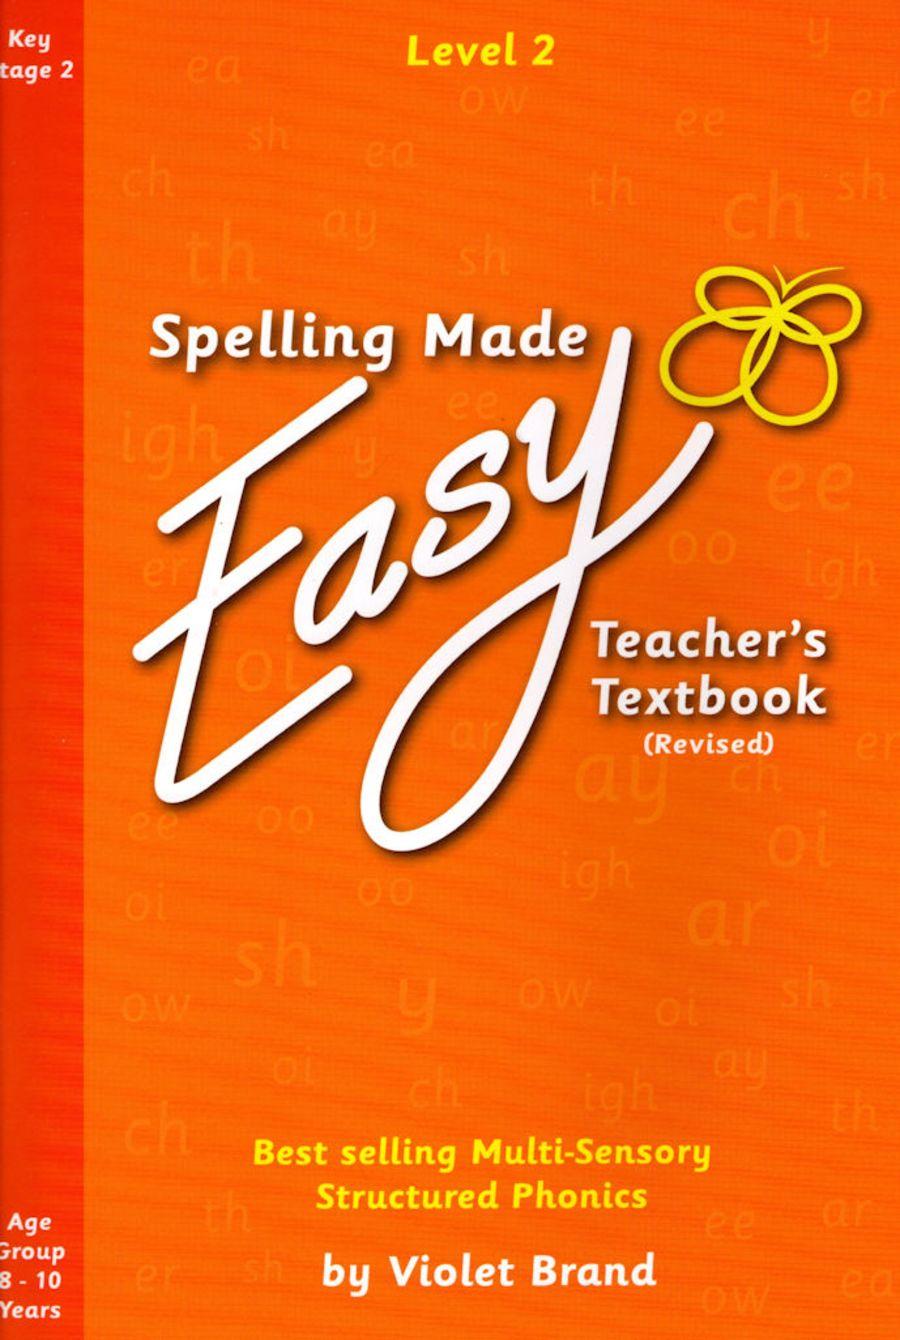 Spelling Made Easy Revised Teacher's Textbook Level 2